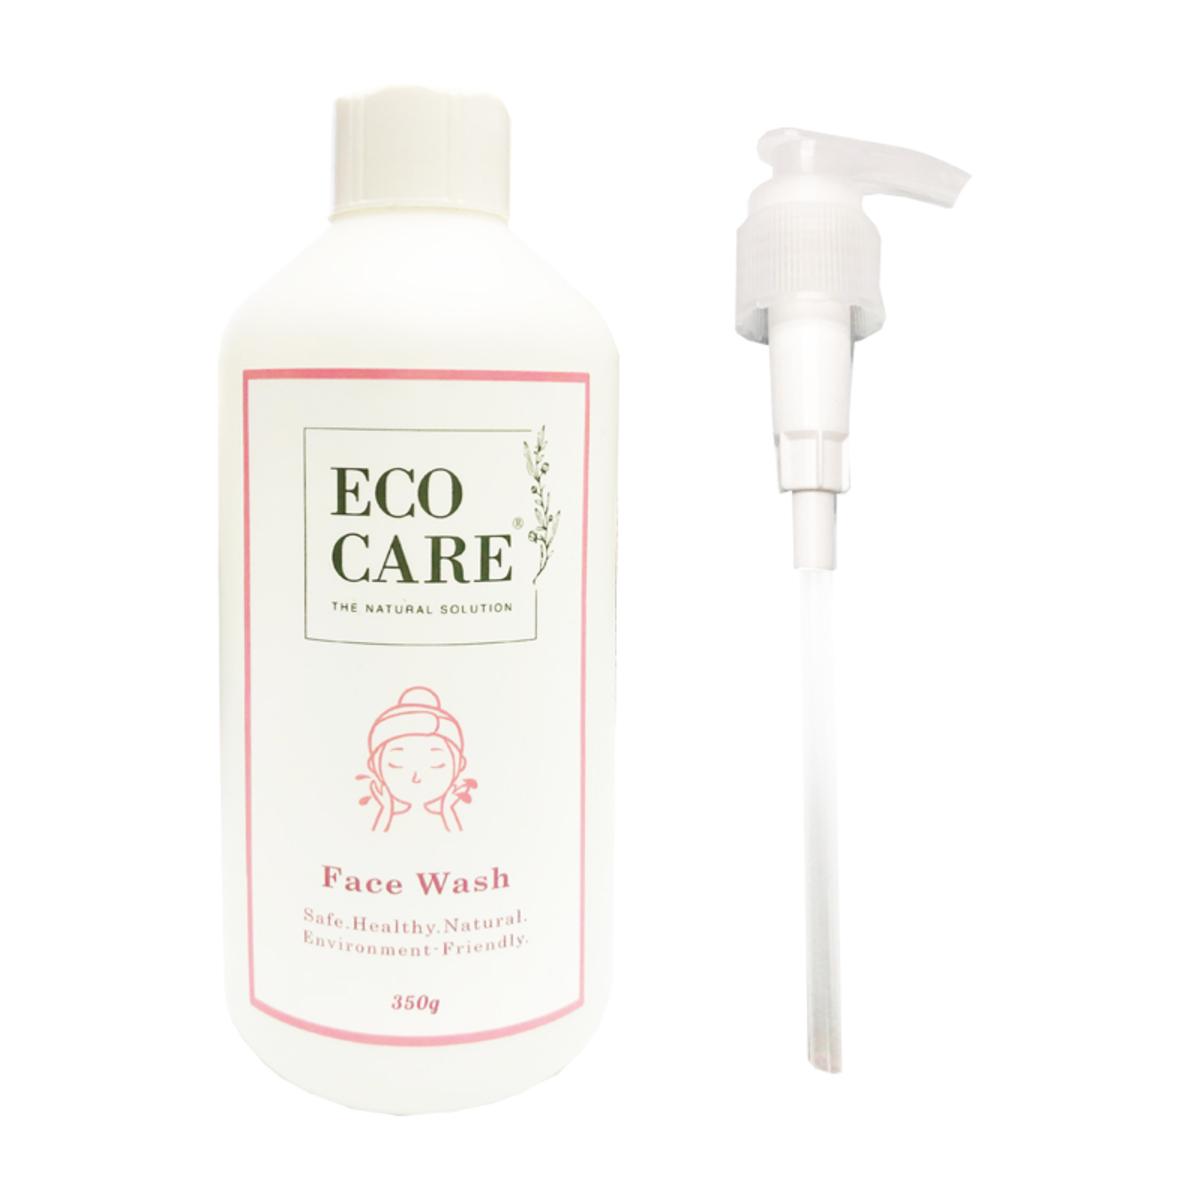 Face Wash (350g)